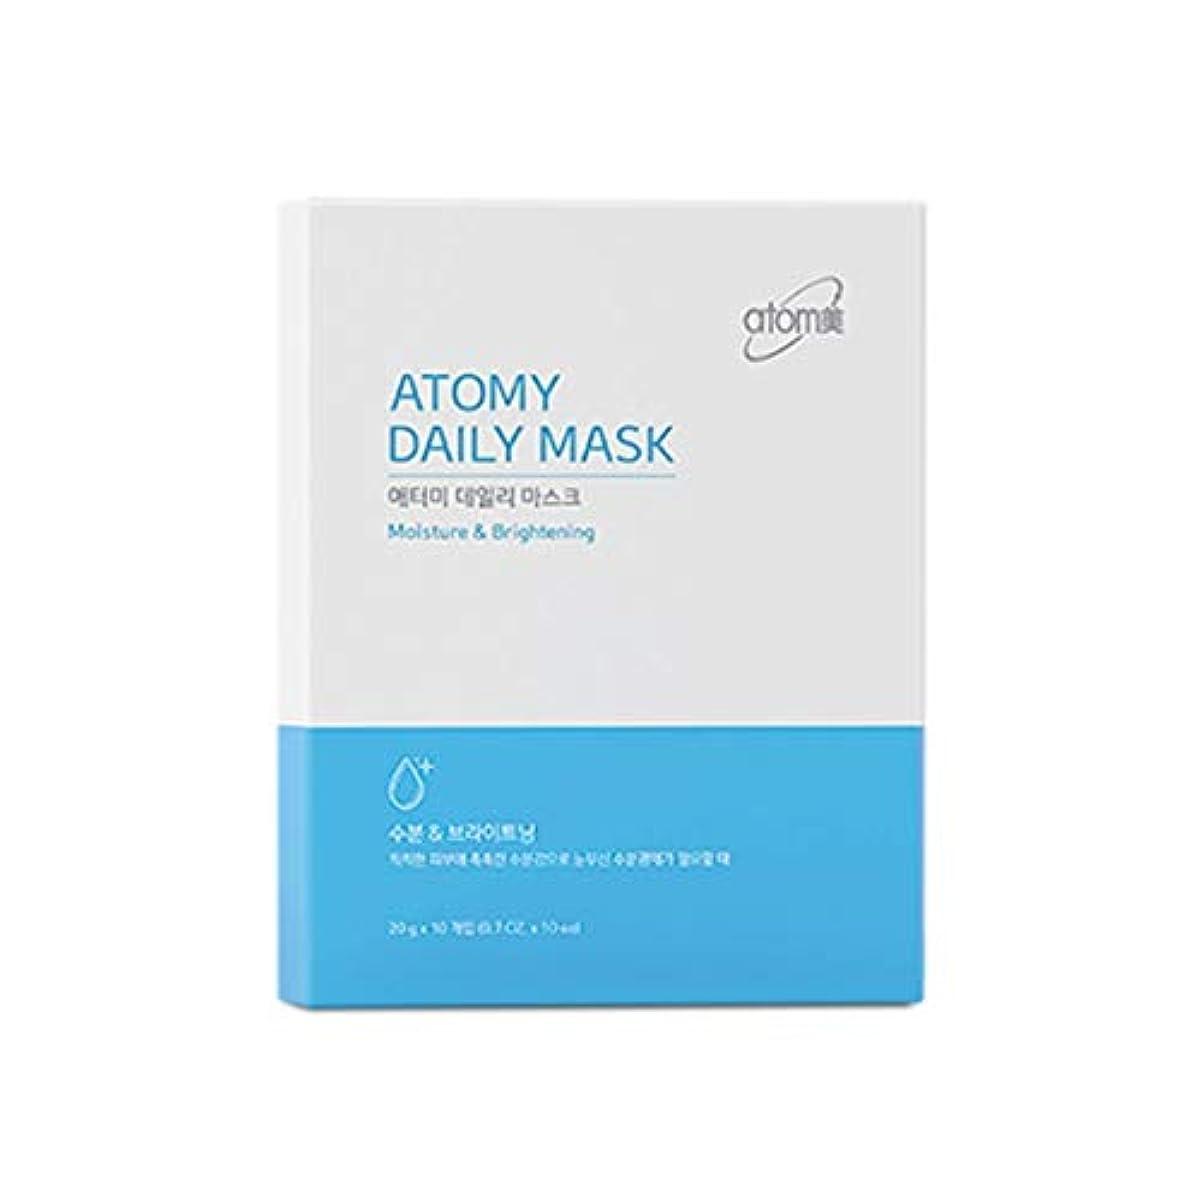 失速自分のために息子[NEW] Atomy Daily Mask Sheet 10 Pack- Moisture & Brightening アトミ 自然由来の成分と4つの特許成分マスクパック(並行輸入品)